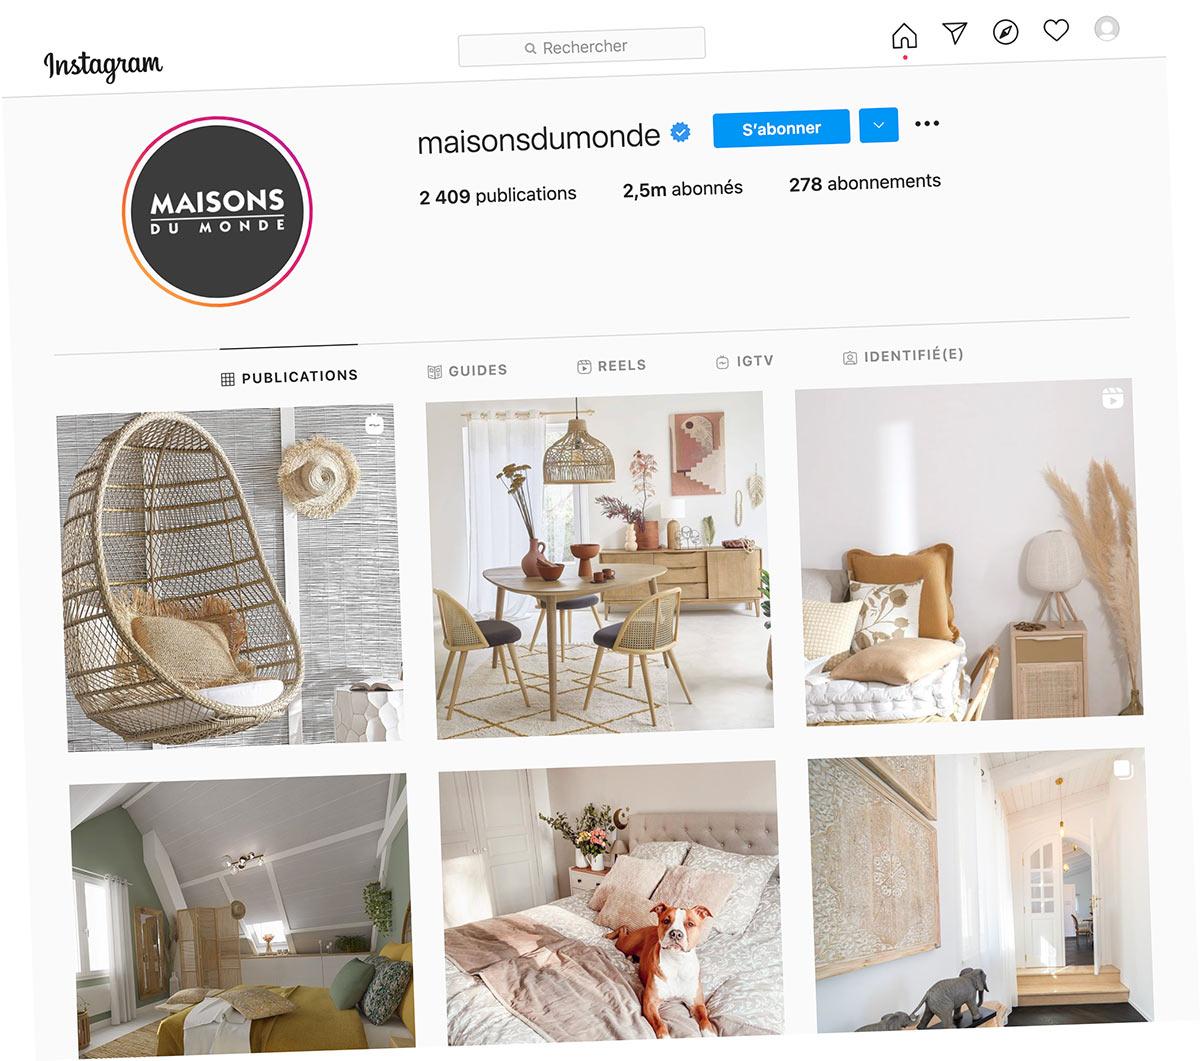 Pour une enseigne comme Maisons du Monde, être visible avec de belles photos sur Instagram est primordial. Les abonnés sont autant de porte-étendards de la marque.